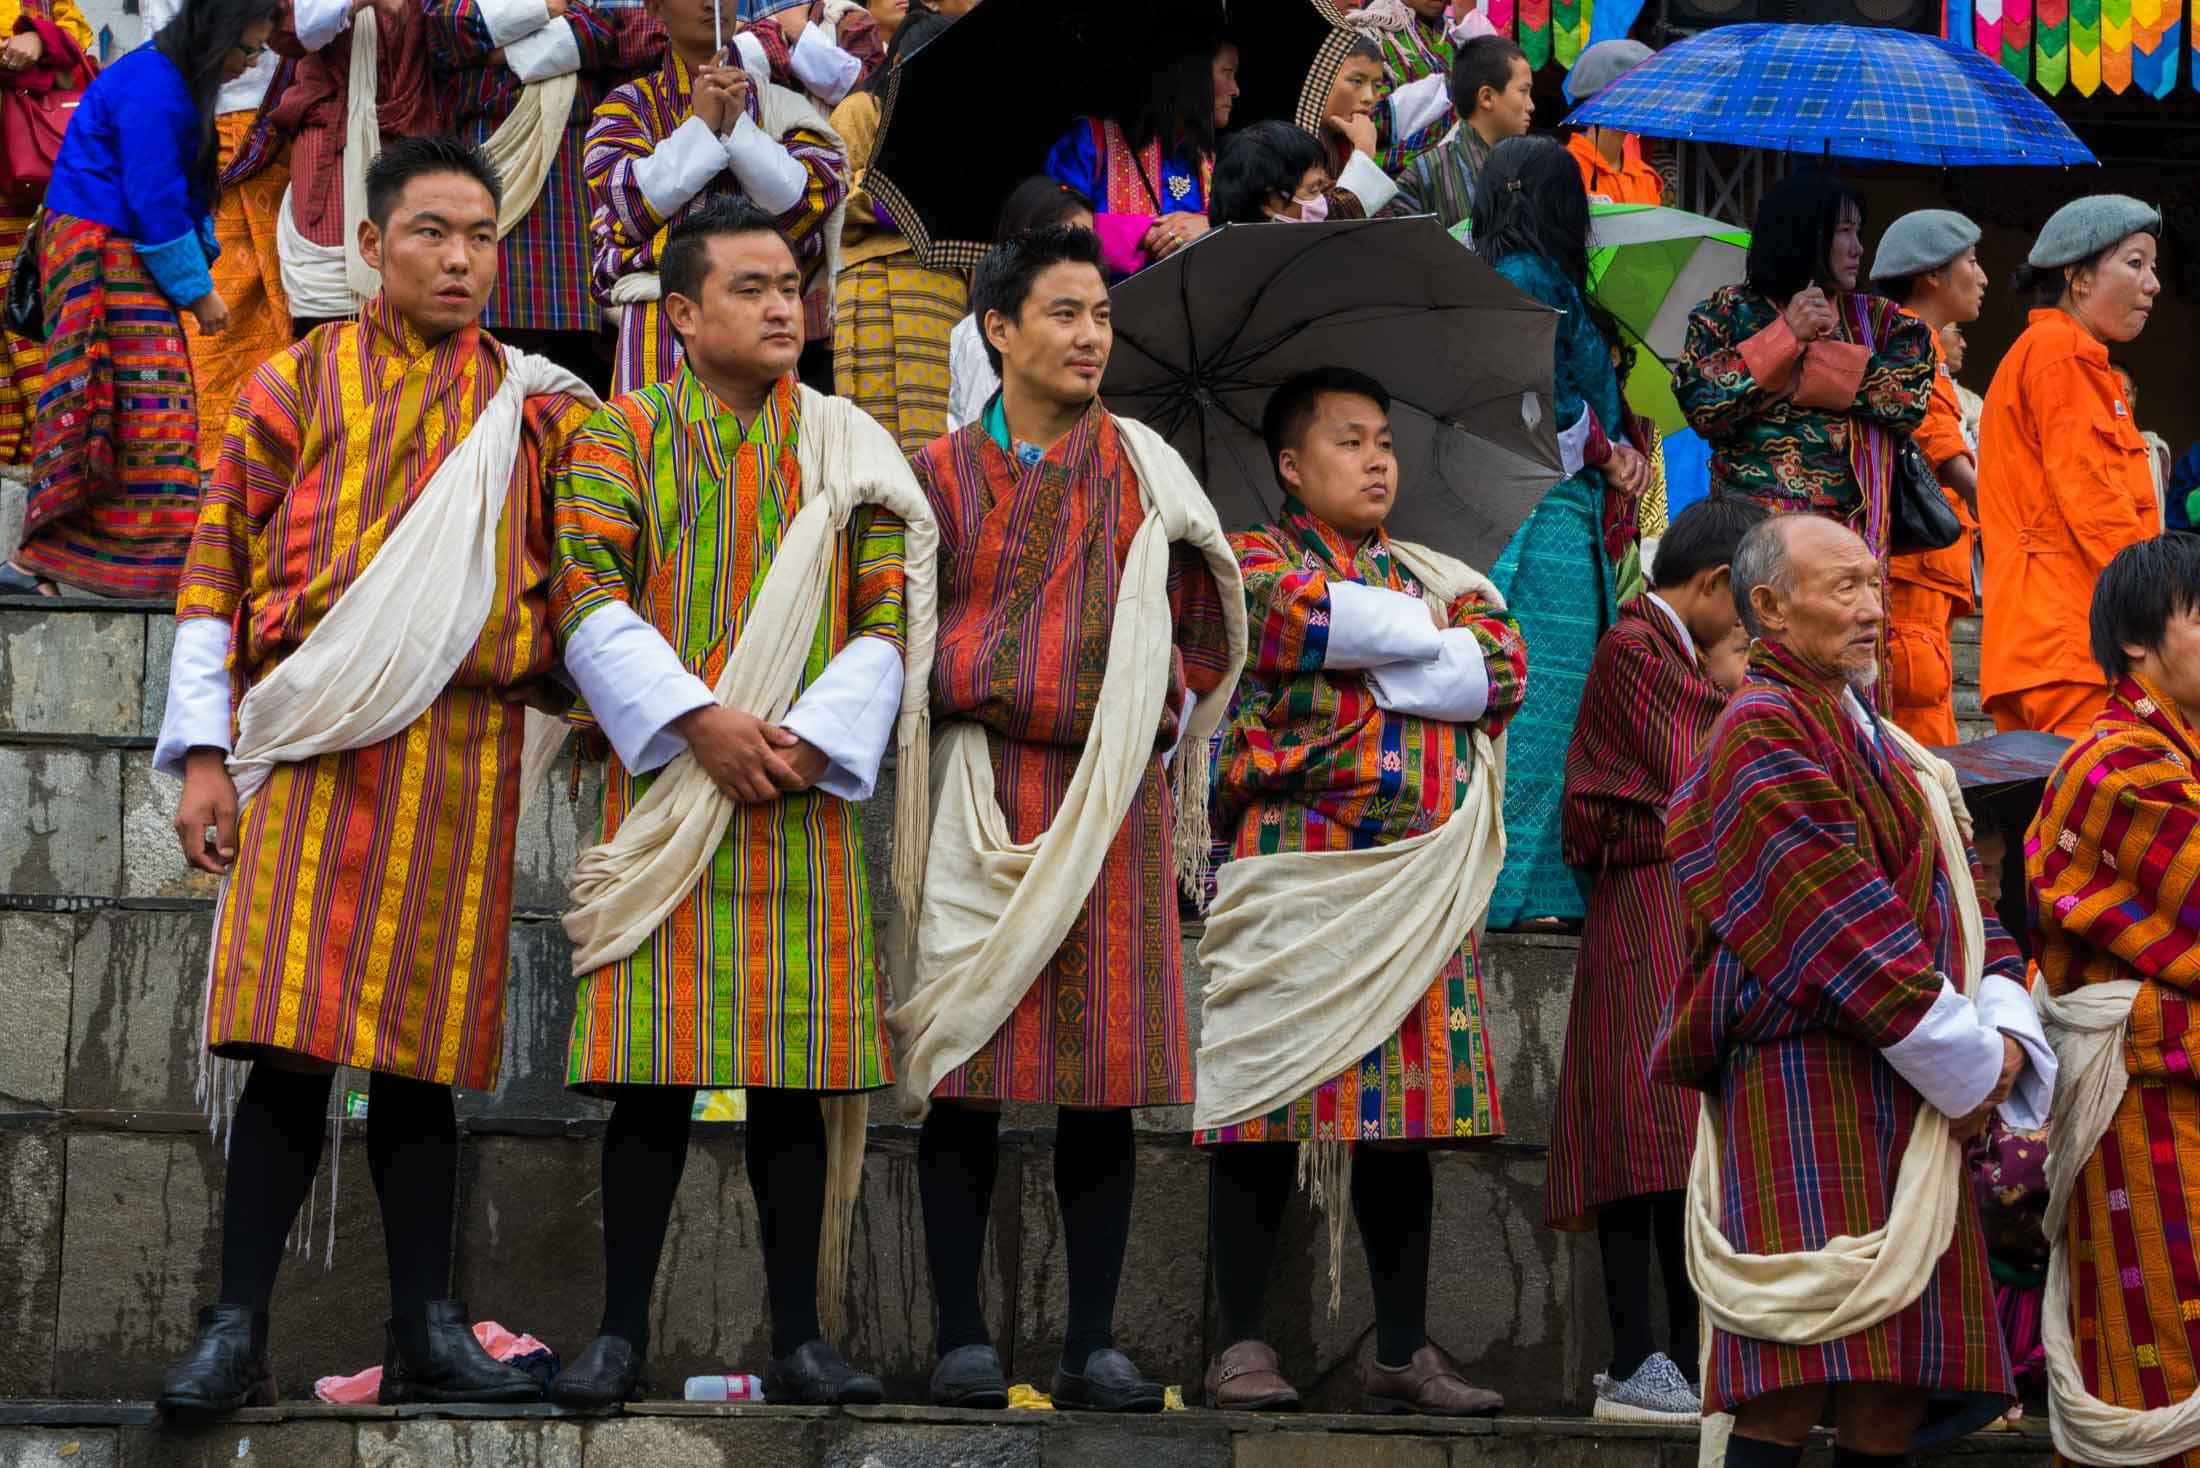 Thimphu Tshechu festival bhutan pescart enrico pescantini 3